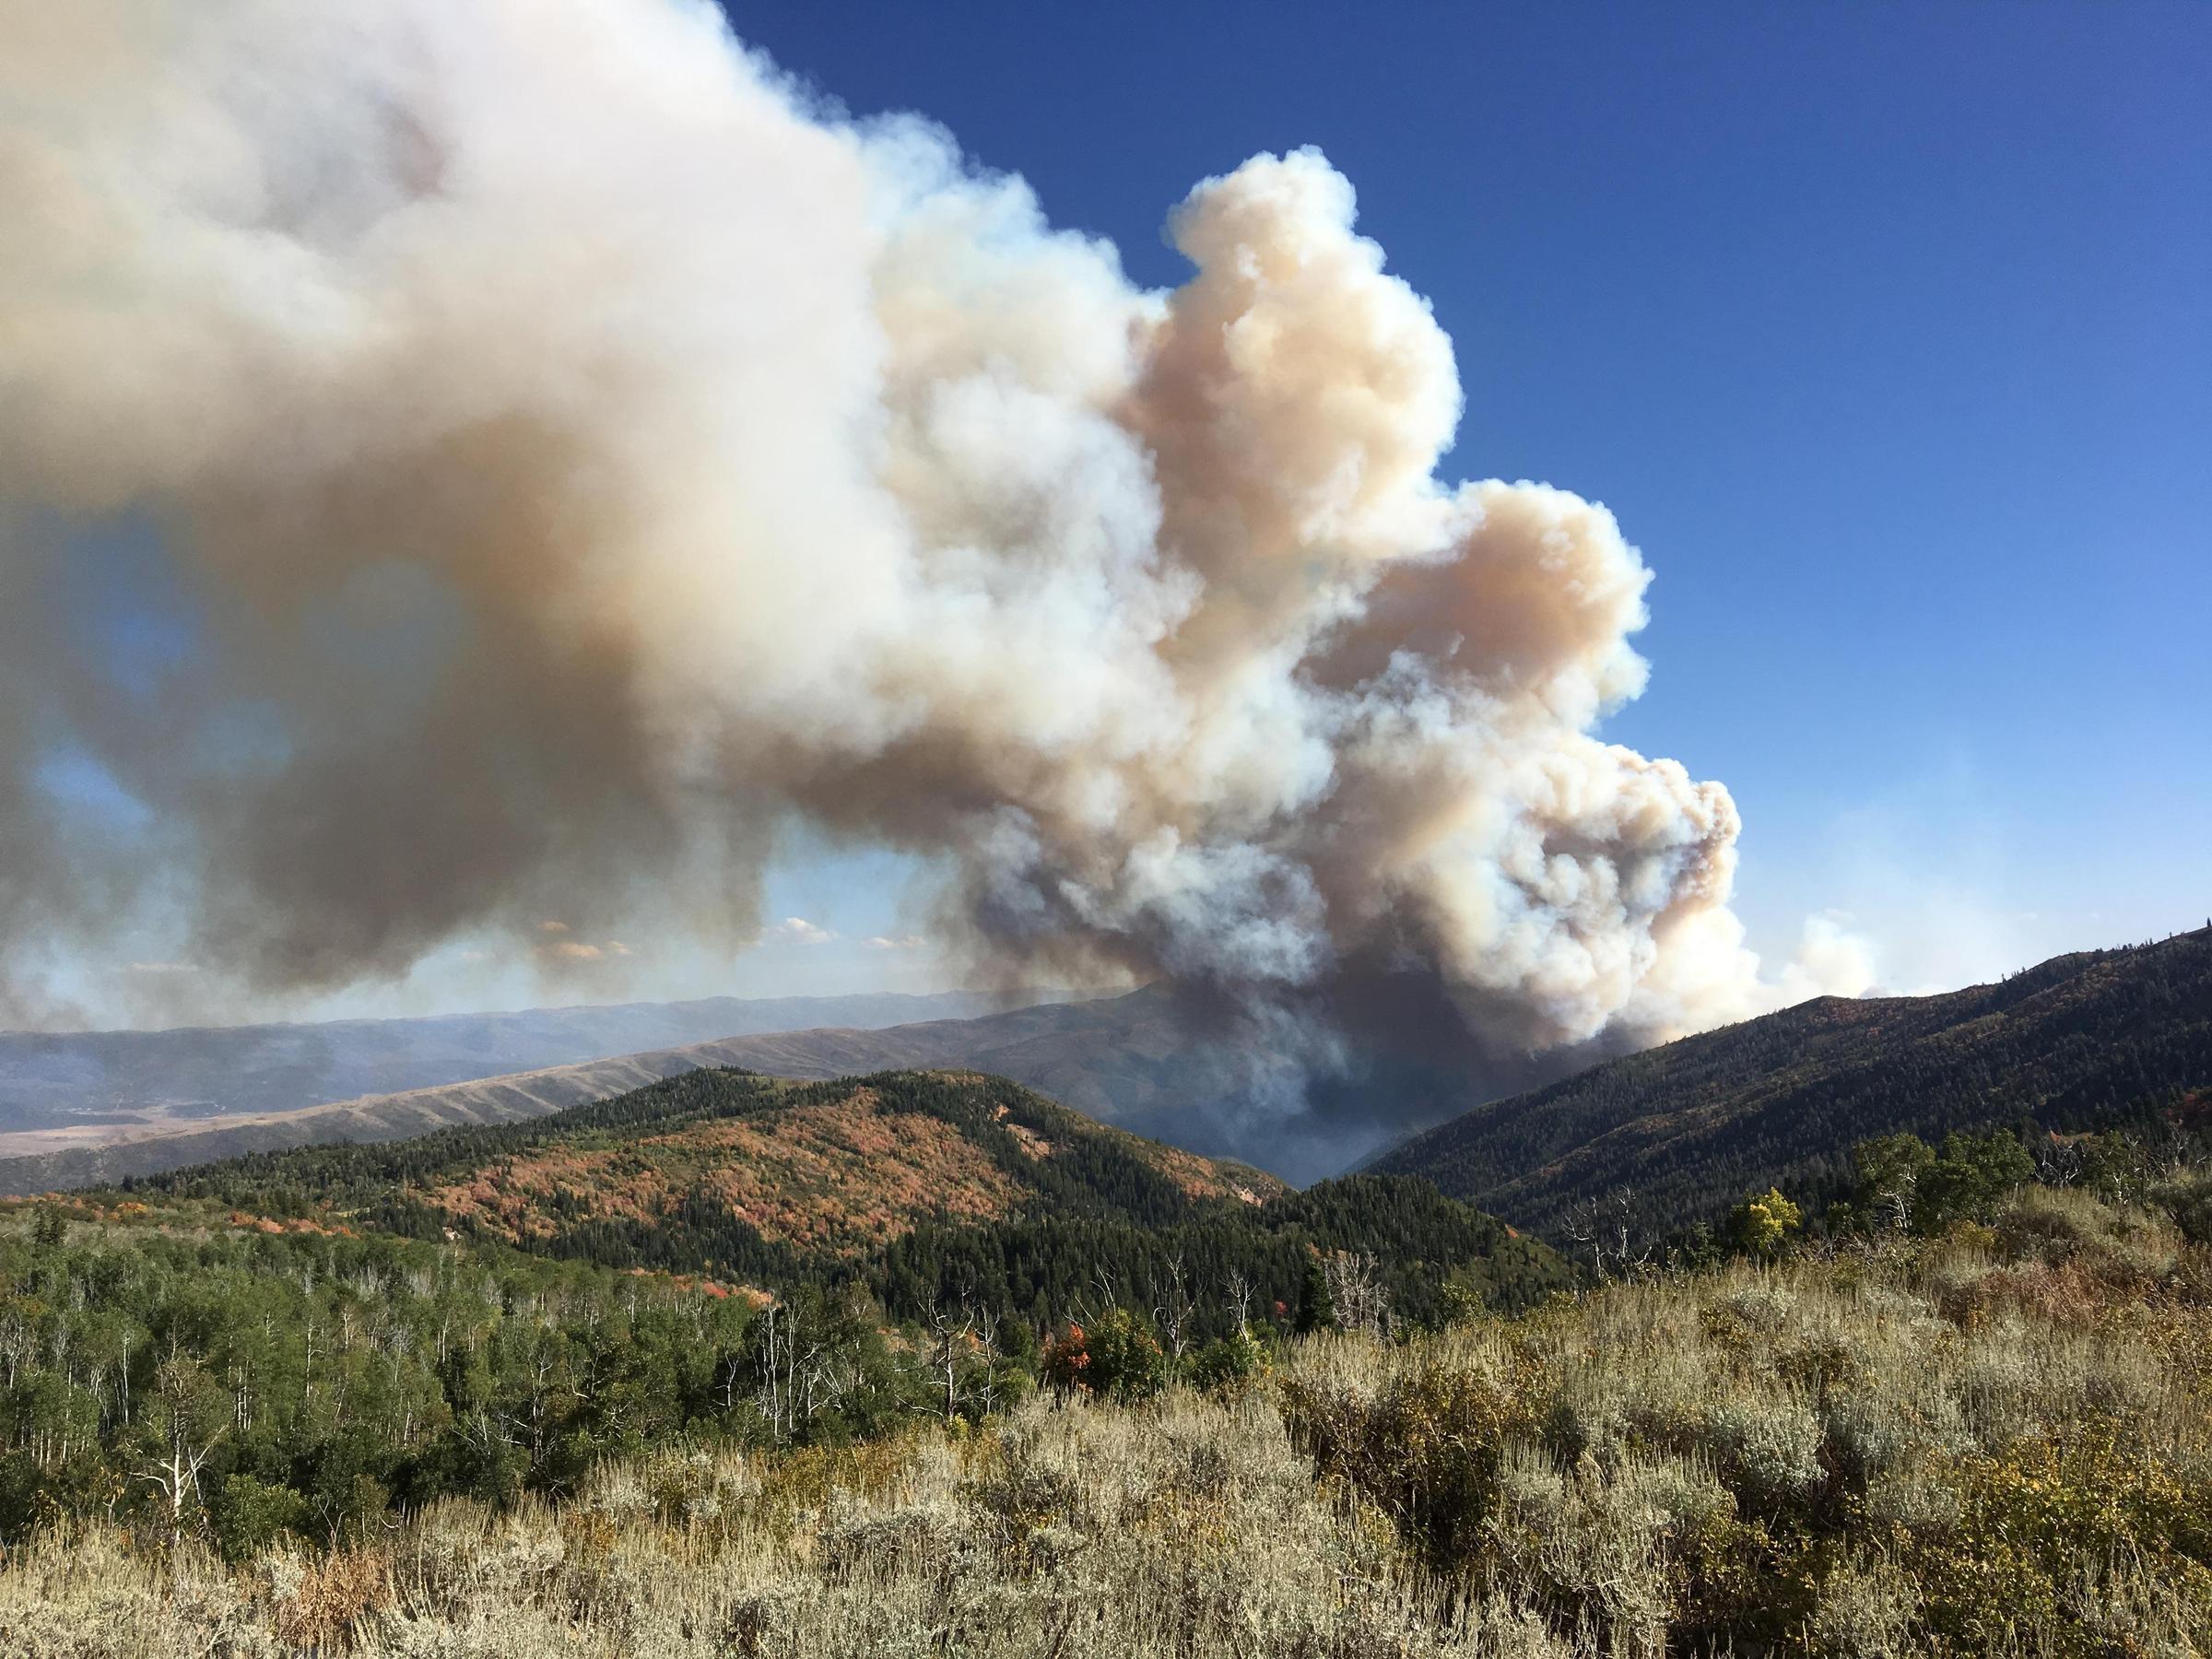 the latest on fires burning across utah now kuer 90 1